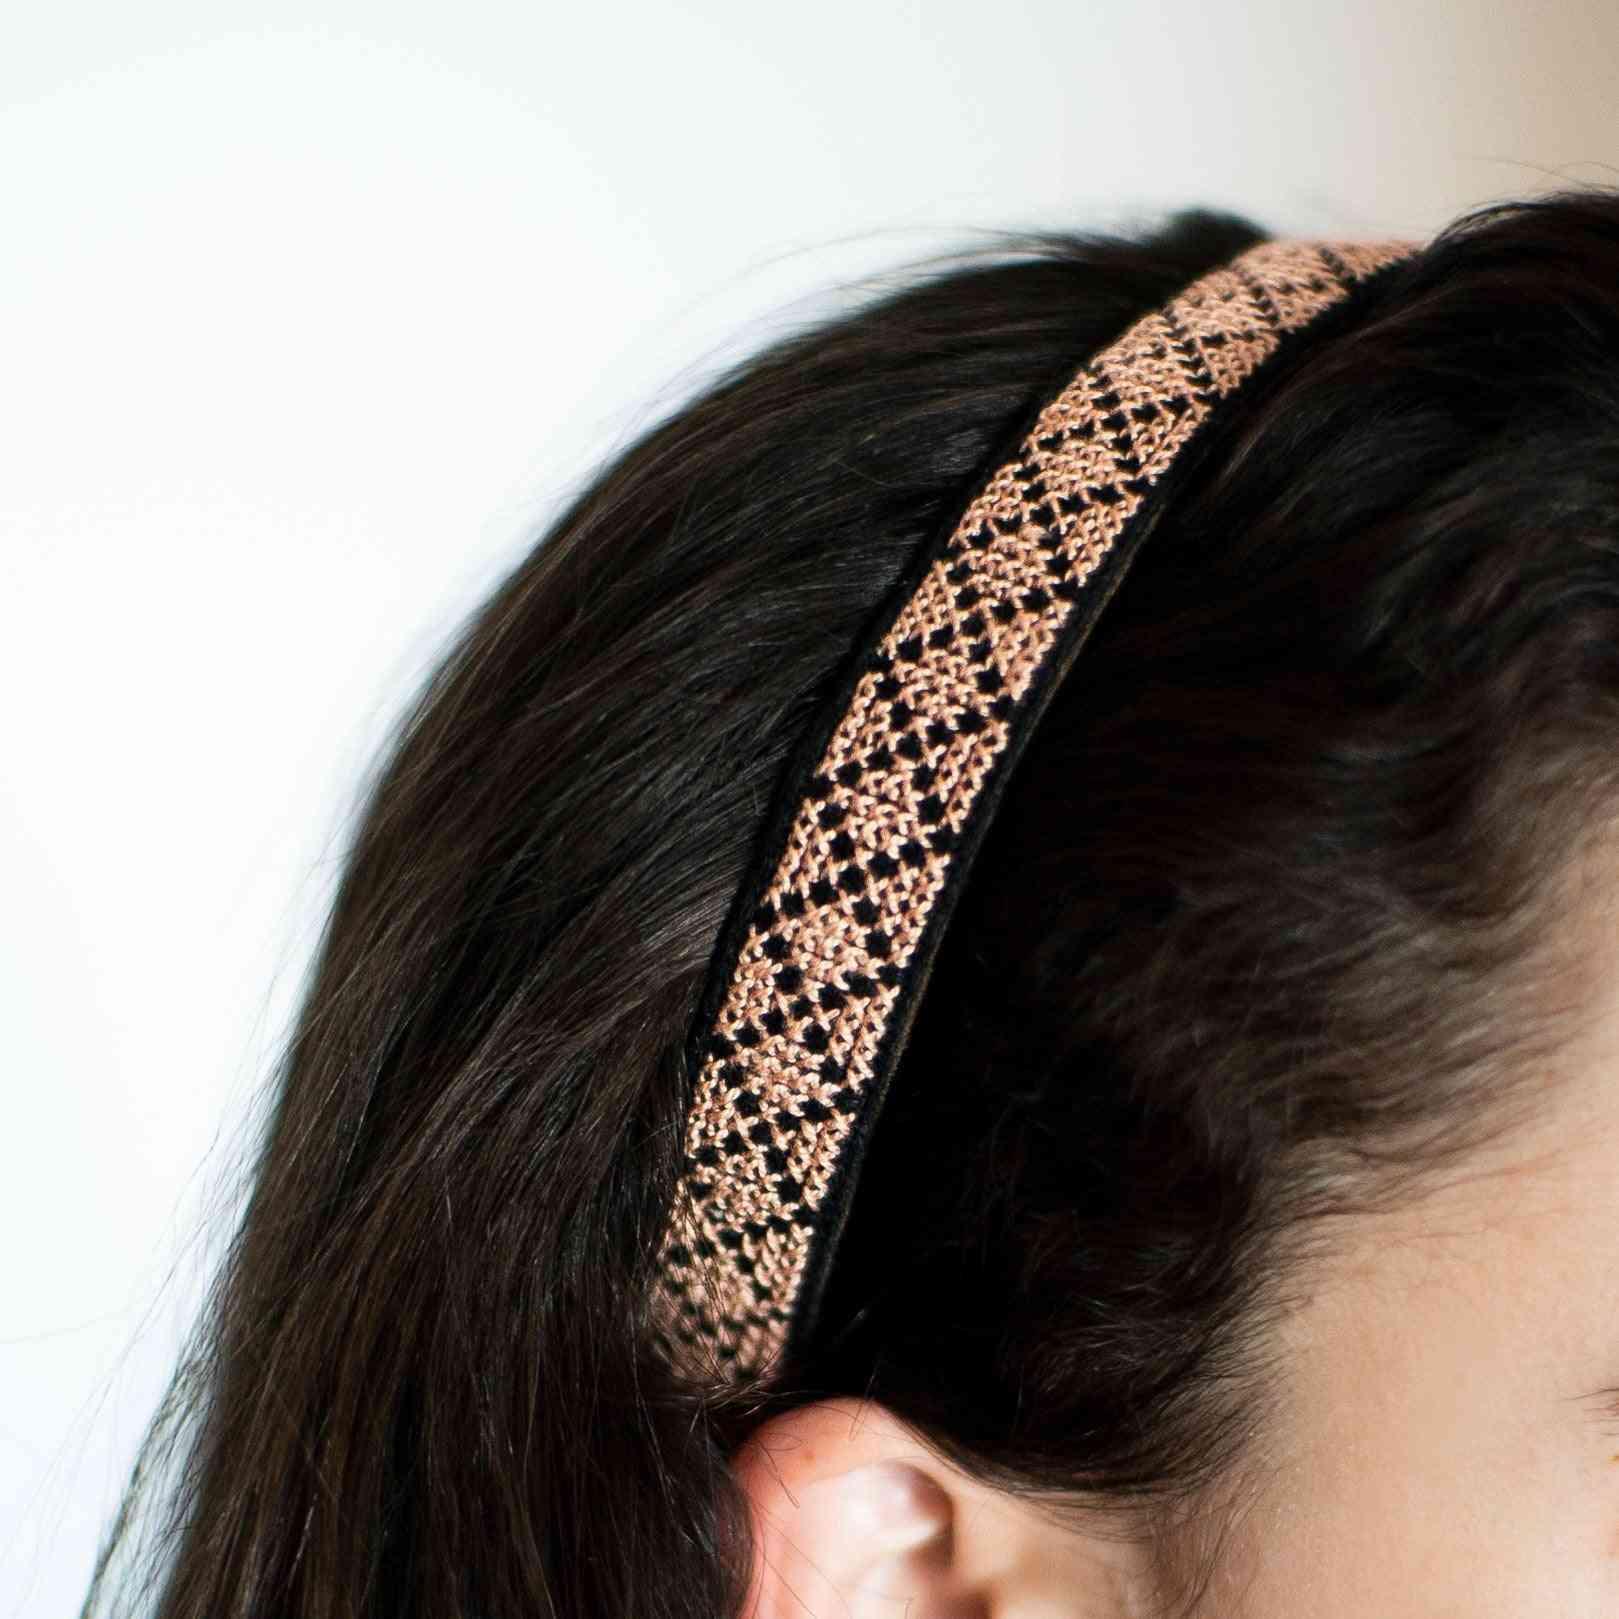 Tatreez Headband In Peach